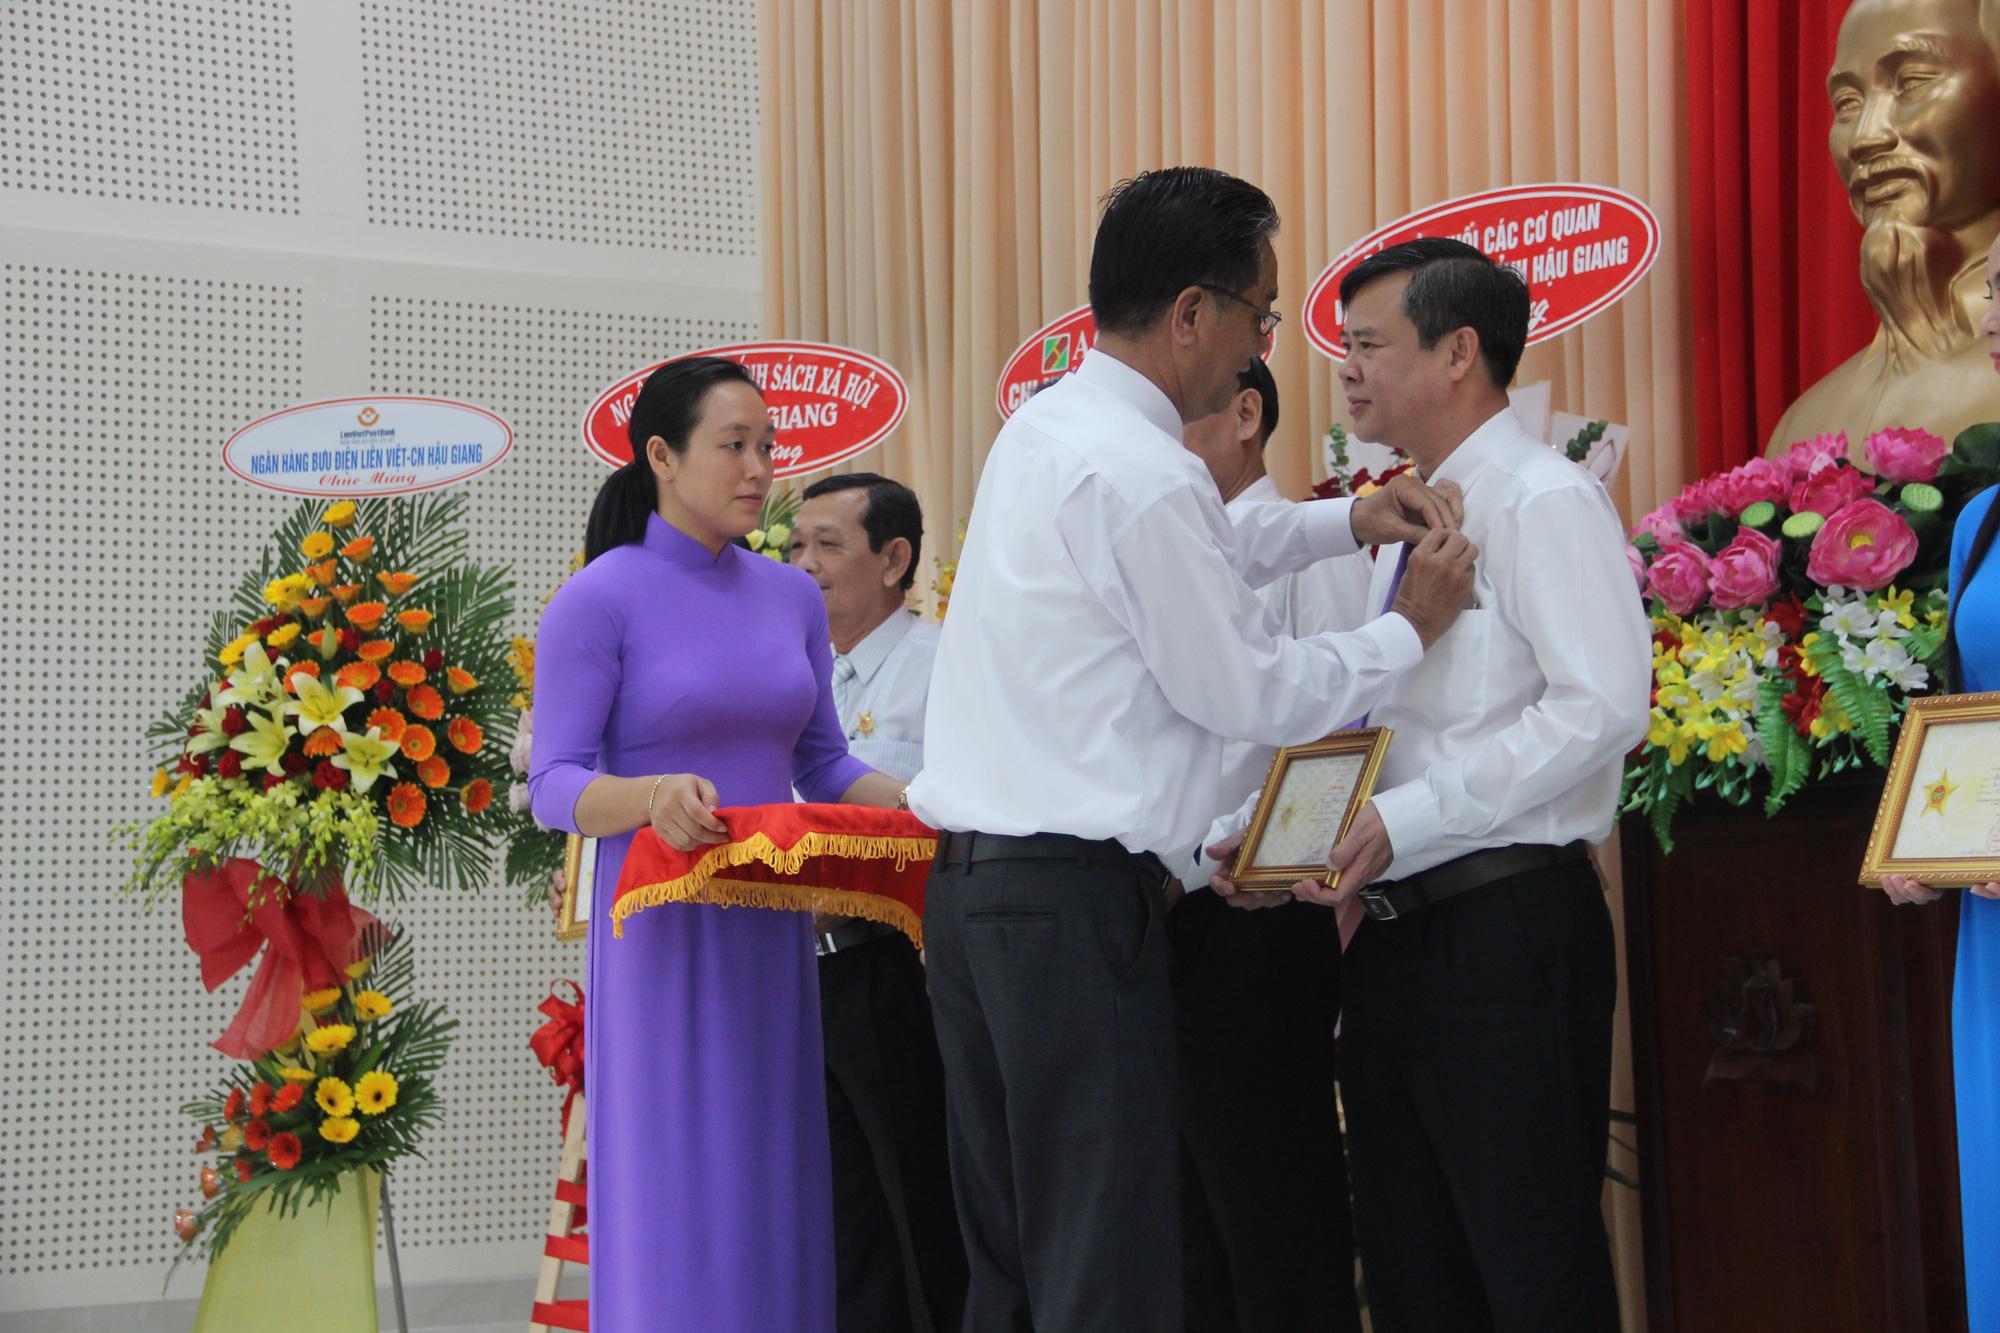 Hội Nông dân Hậu Giang: Họp mặt Kỷ niệm ngày thành lập Hội Nông dân Việt Nam - Ảnh 1.